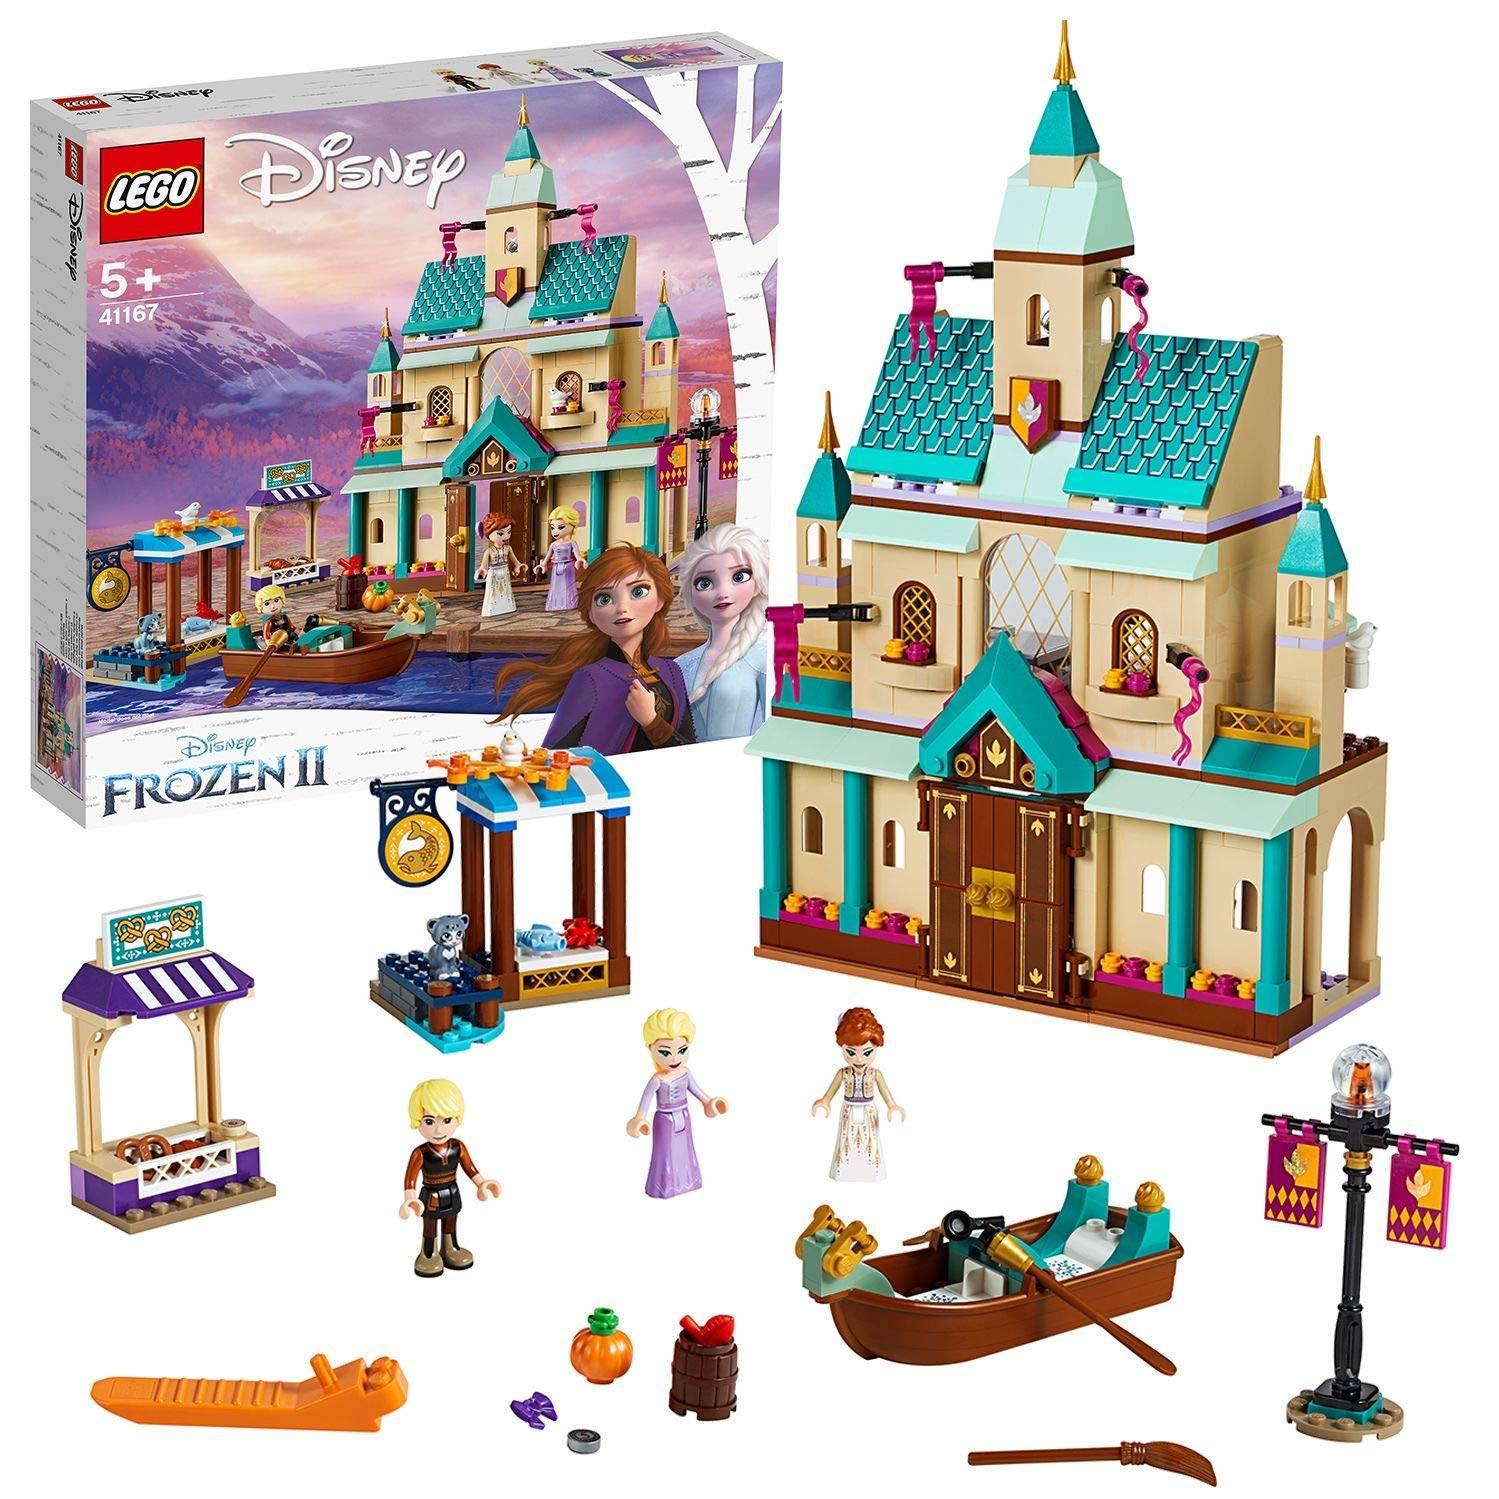 LEGO Frozen - Il villaggio del Castello di Arendelle